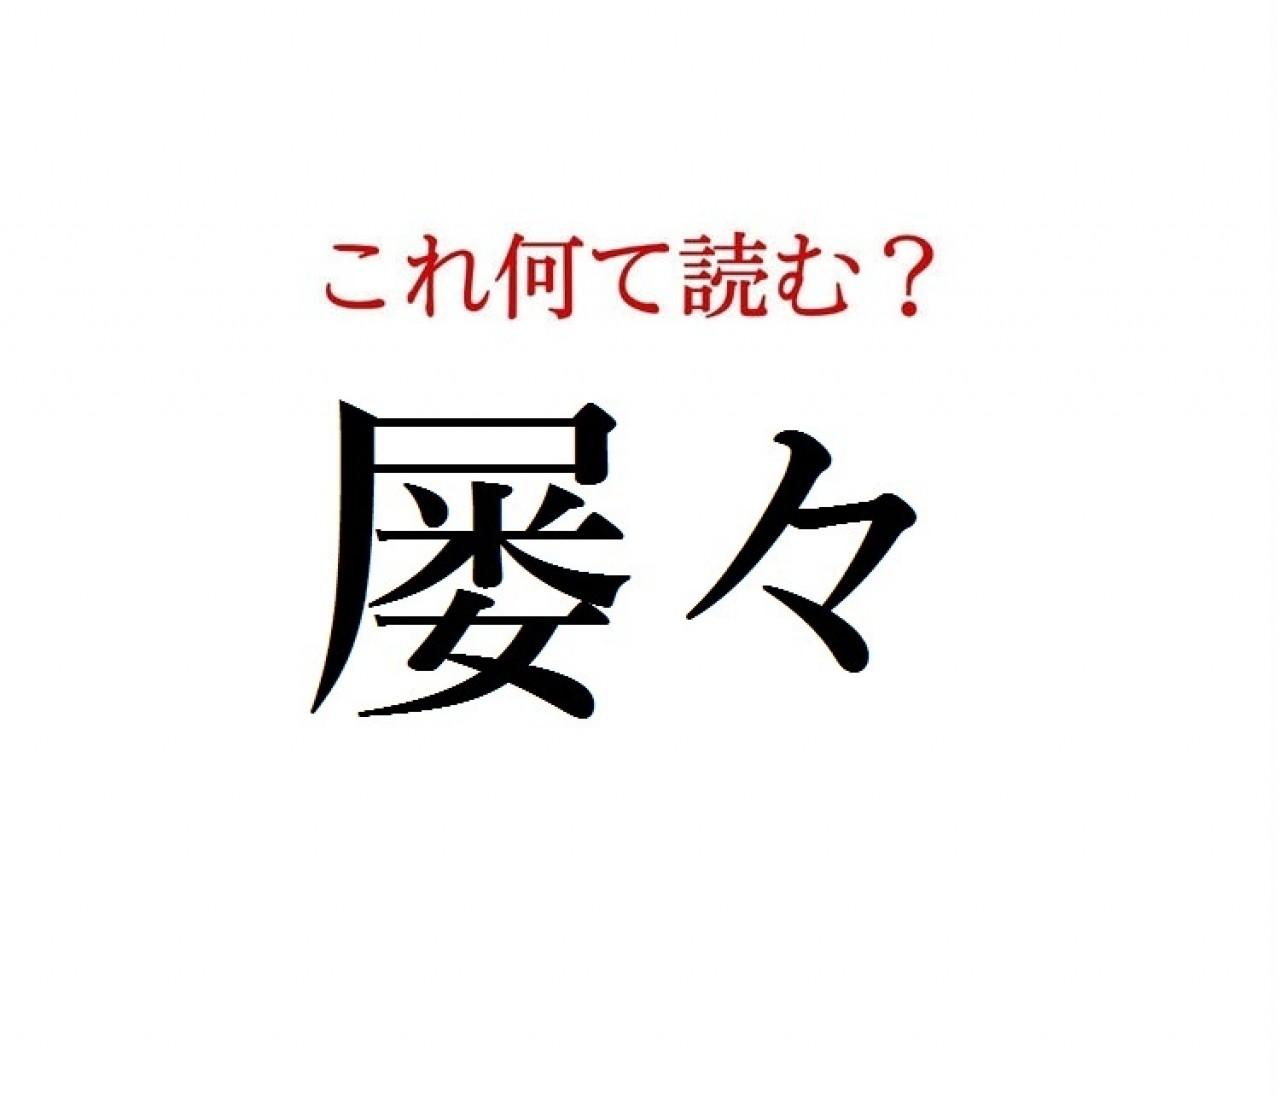 「屡々」:この漢字、自信を持って読めますか?【働く大人の漢字クイズvol.303】